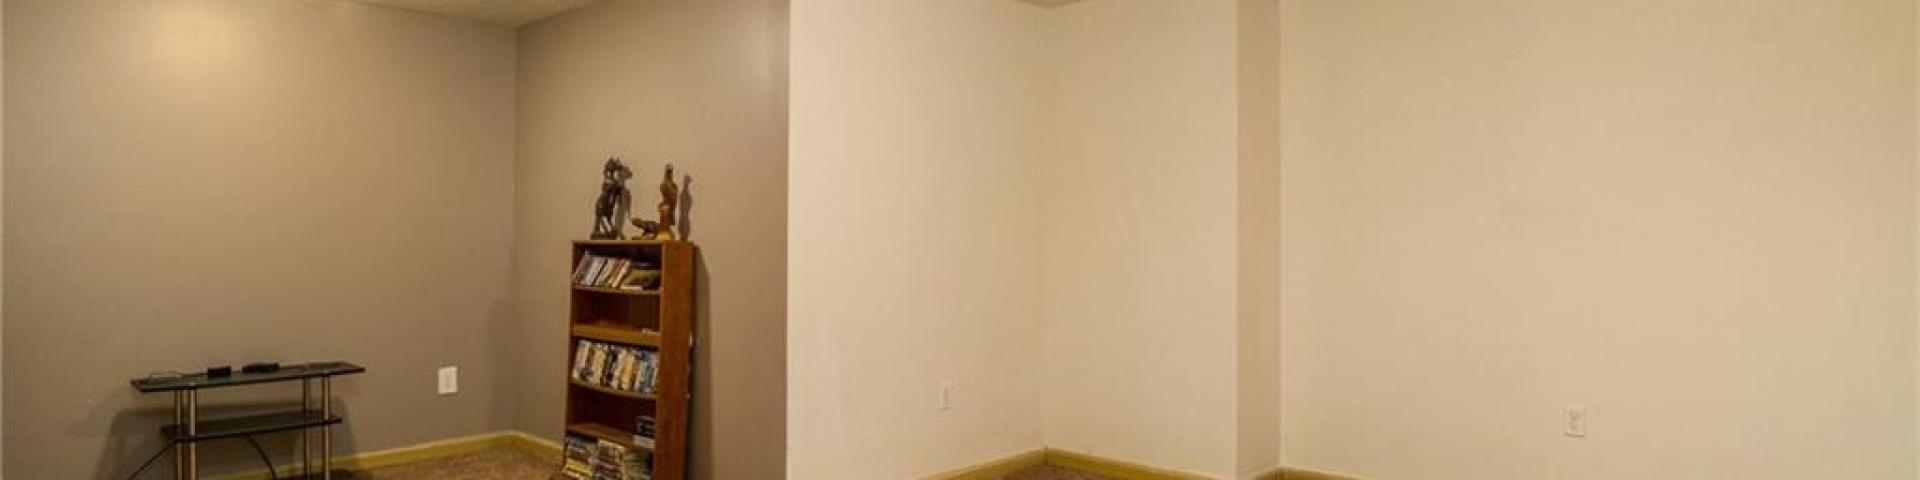 12999 Newburg Court,Washington TWP,Ohio 45458,4 Bedrooms Bedrooms,10 Rooms Rooms,3 BathroomsBathrooms,Single family,Newburg Court,745828